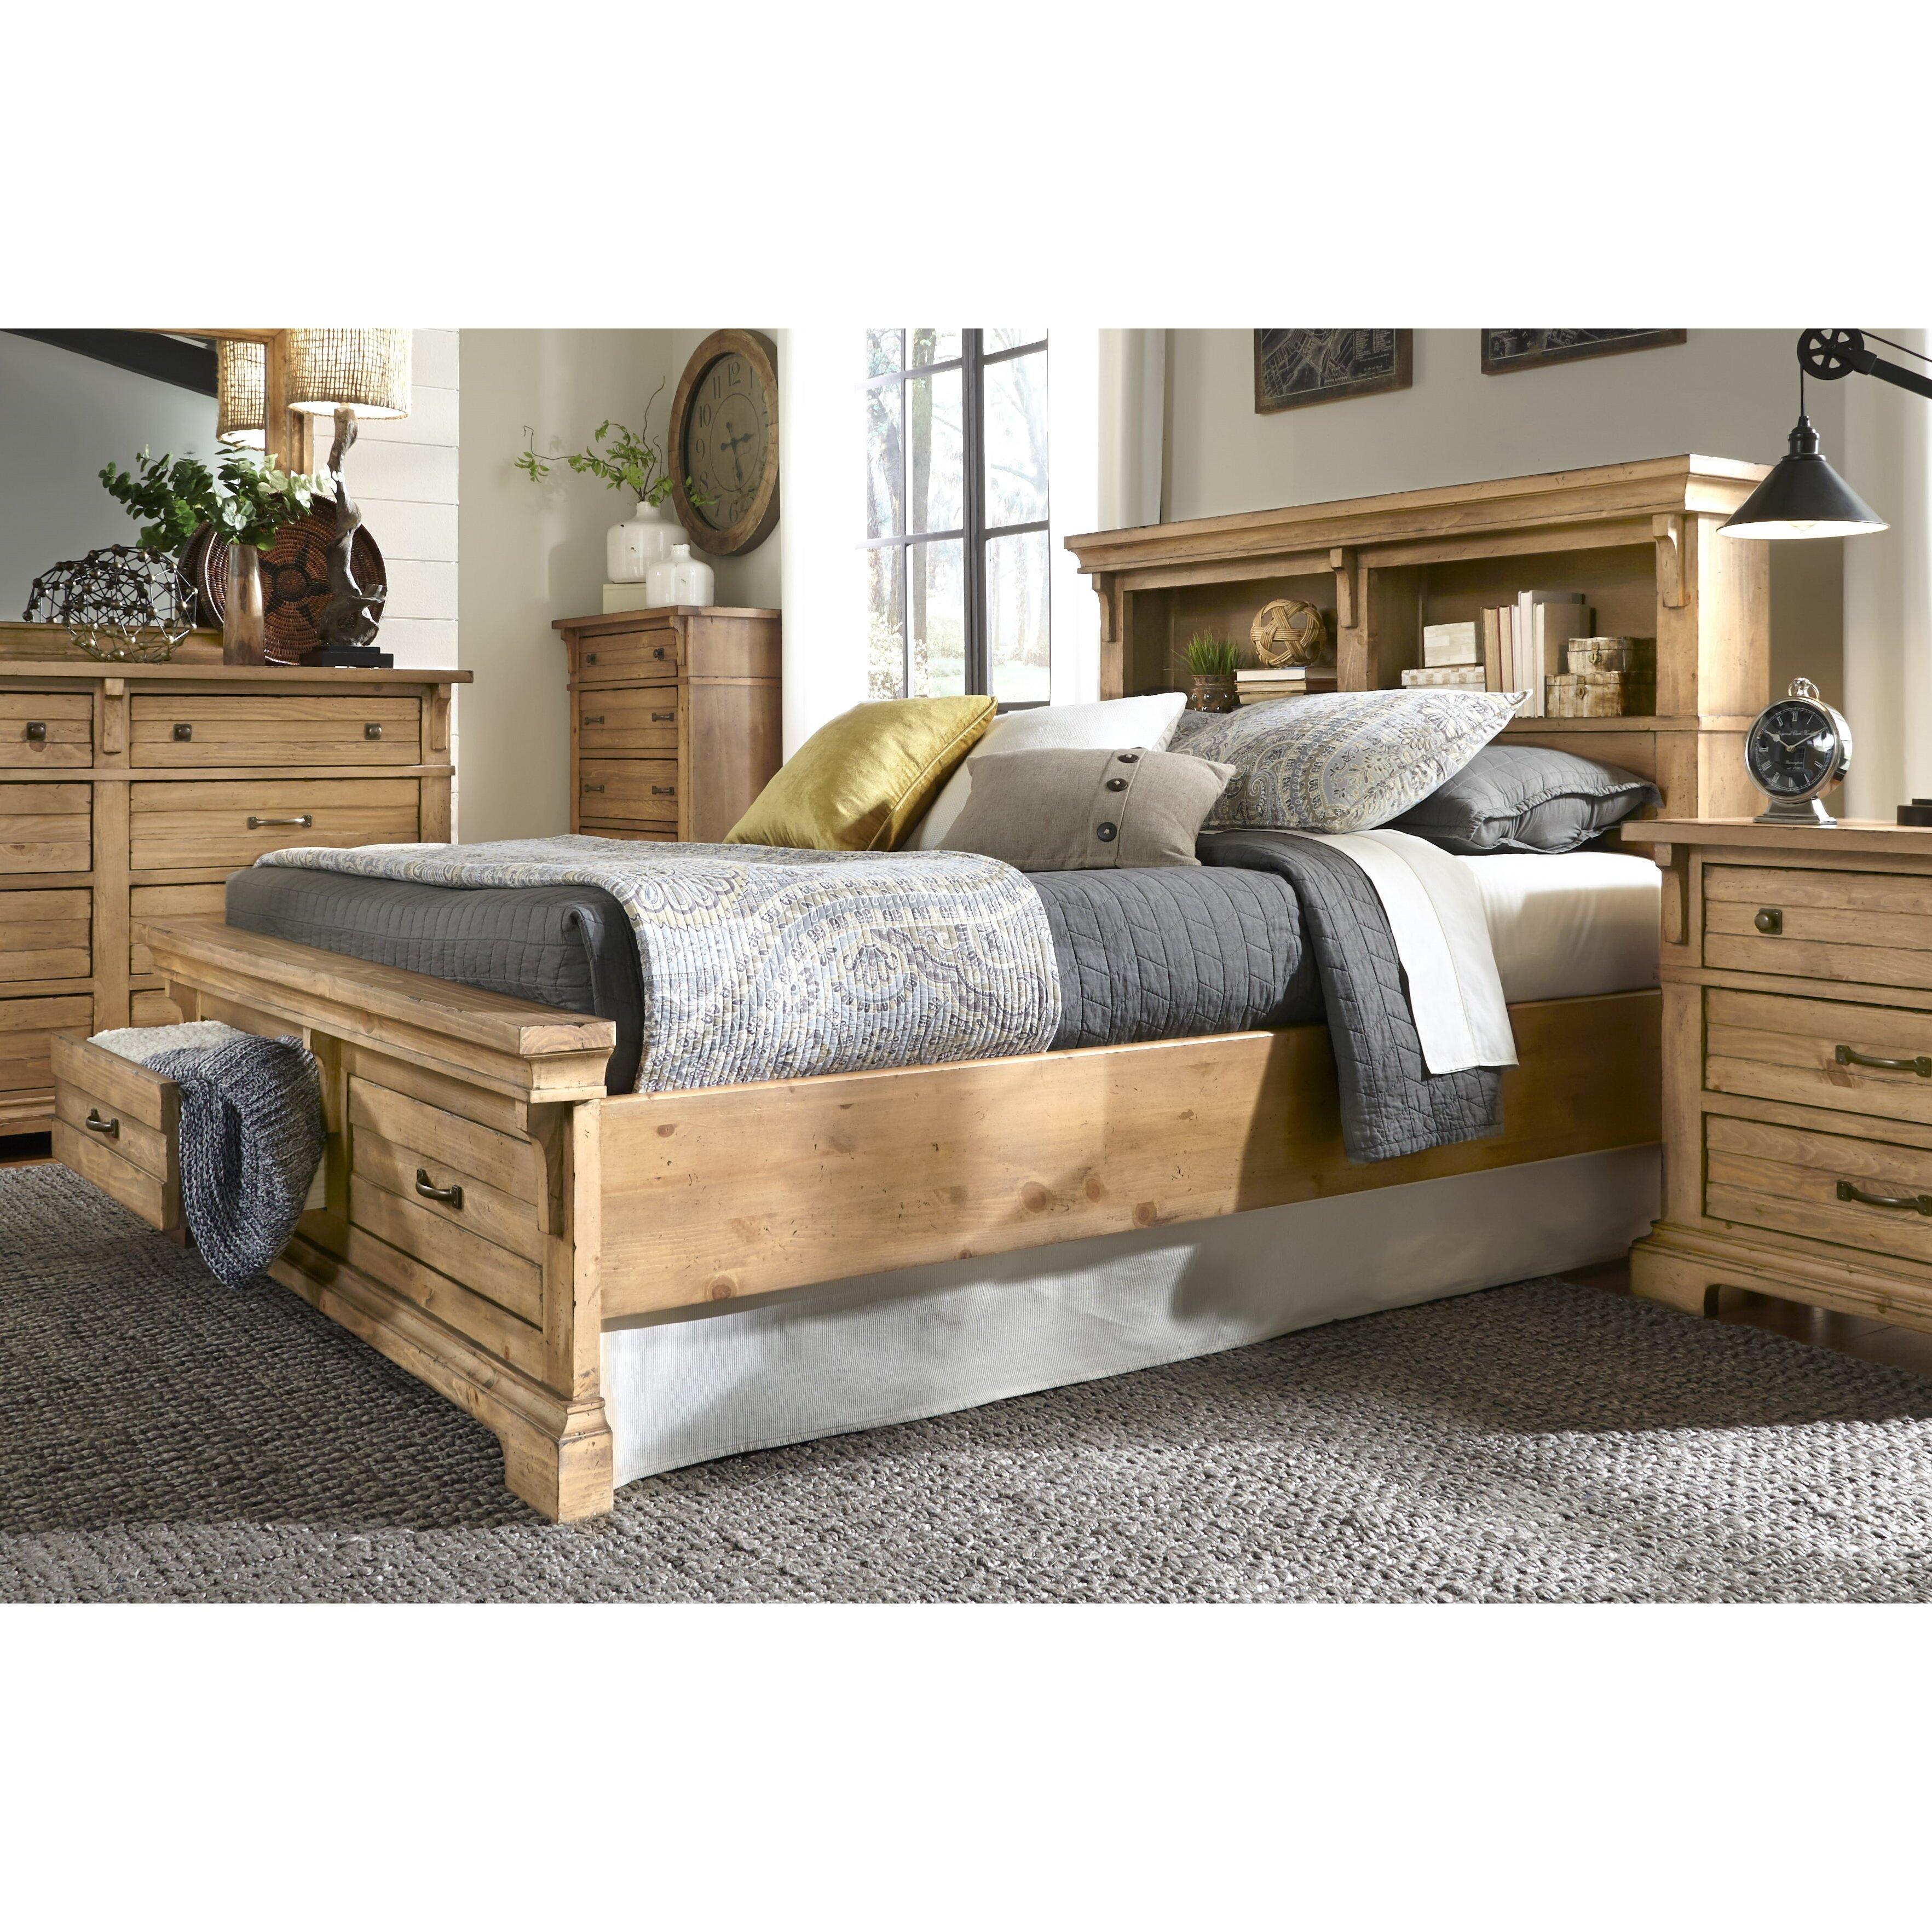 Progressive Furniture Chestnut Hill Bookcase With Storage